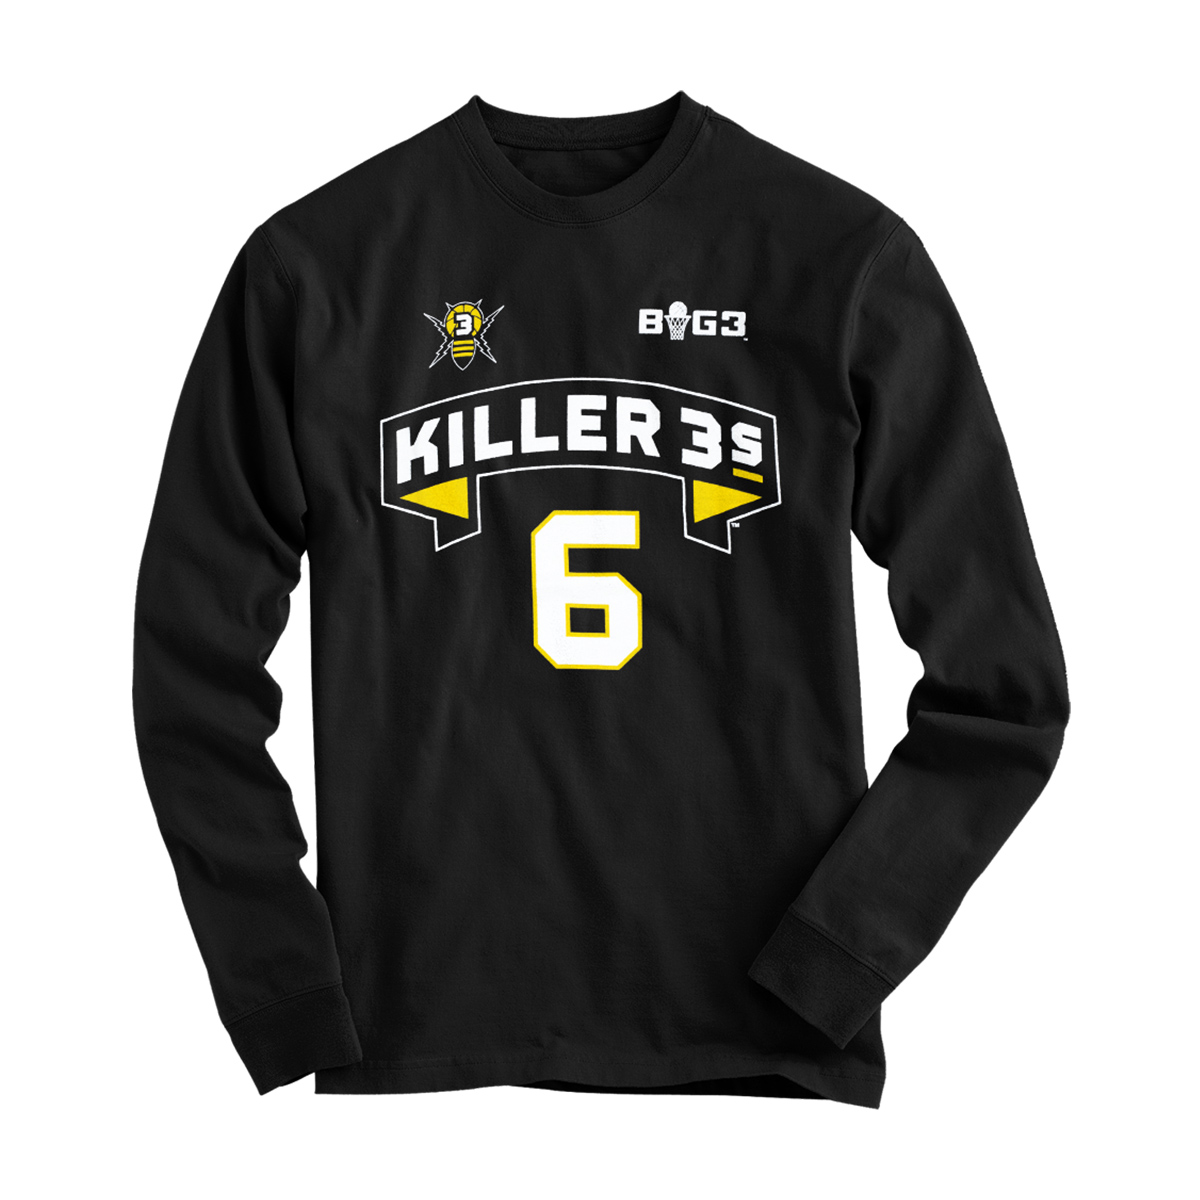 Killer 3'S Oakely Long Sleeve T-Shirt